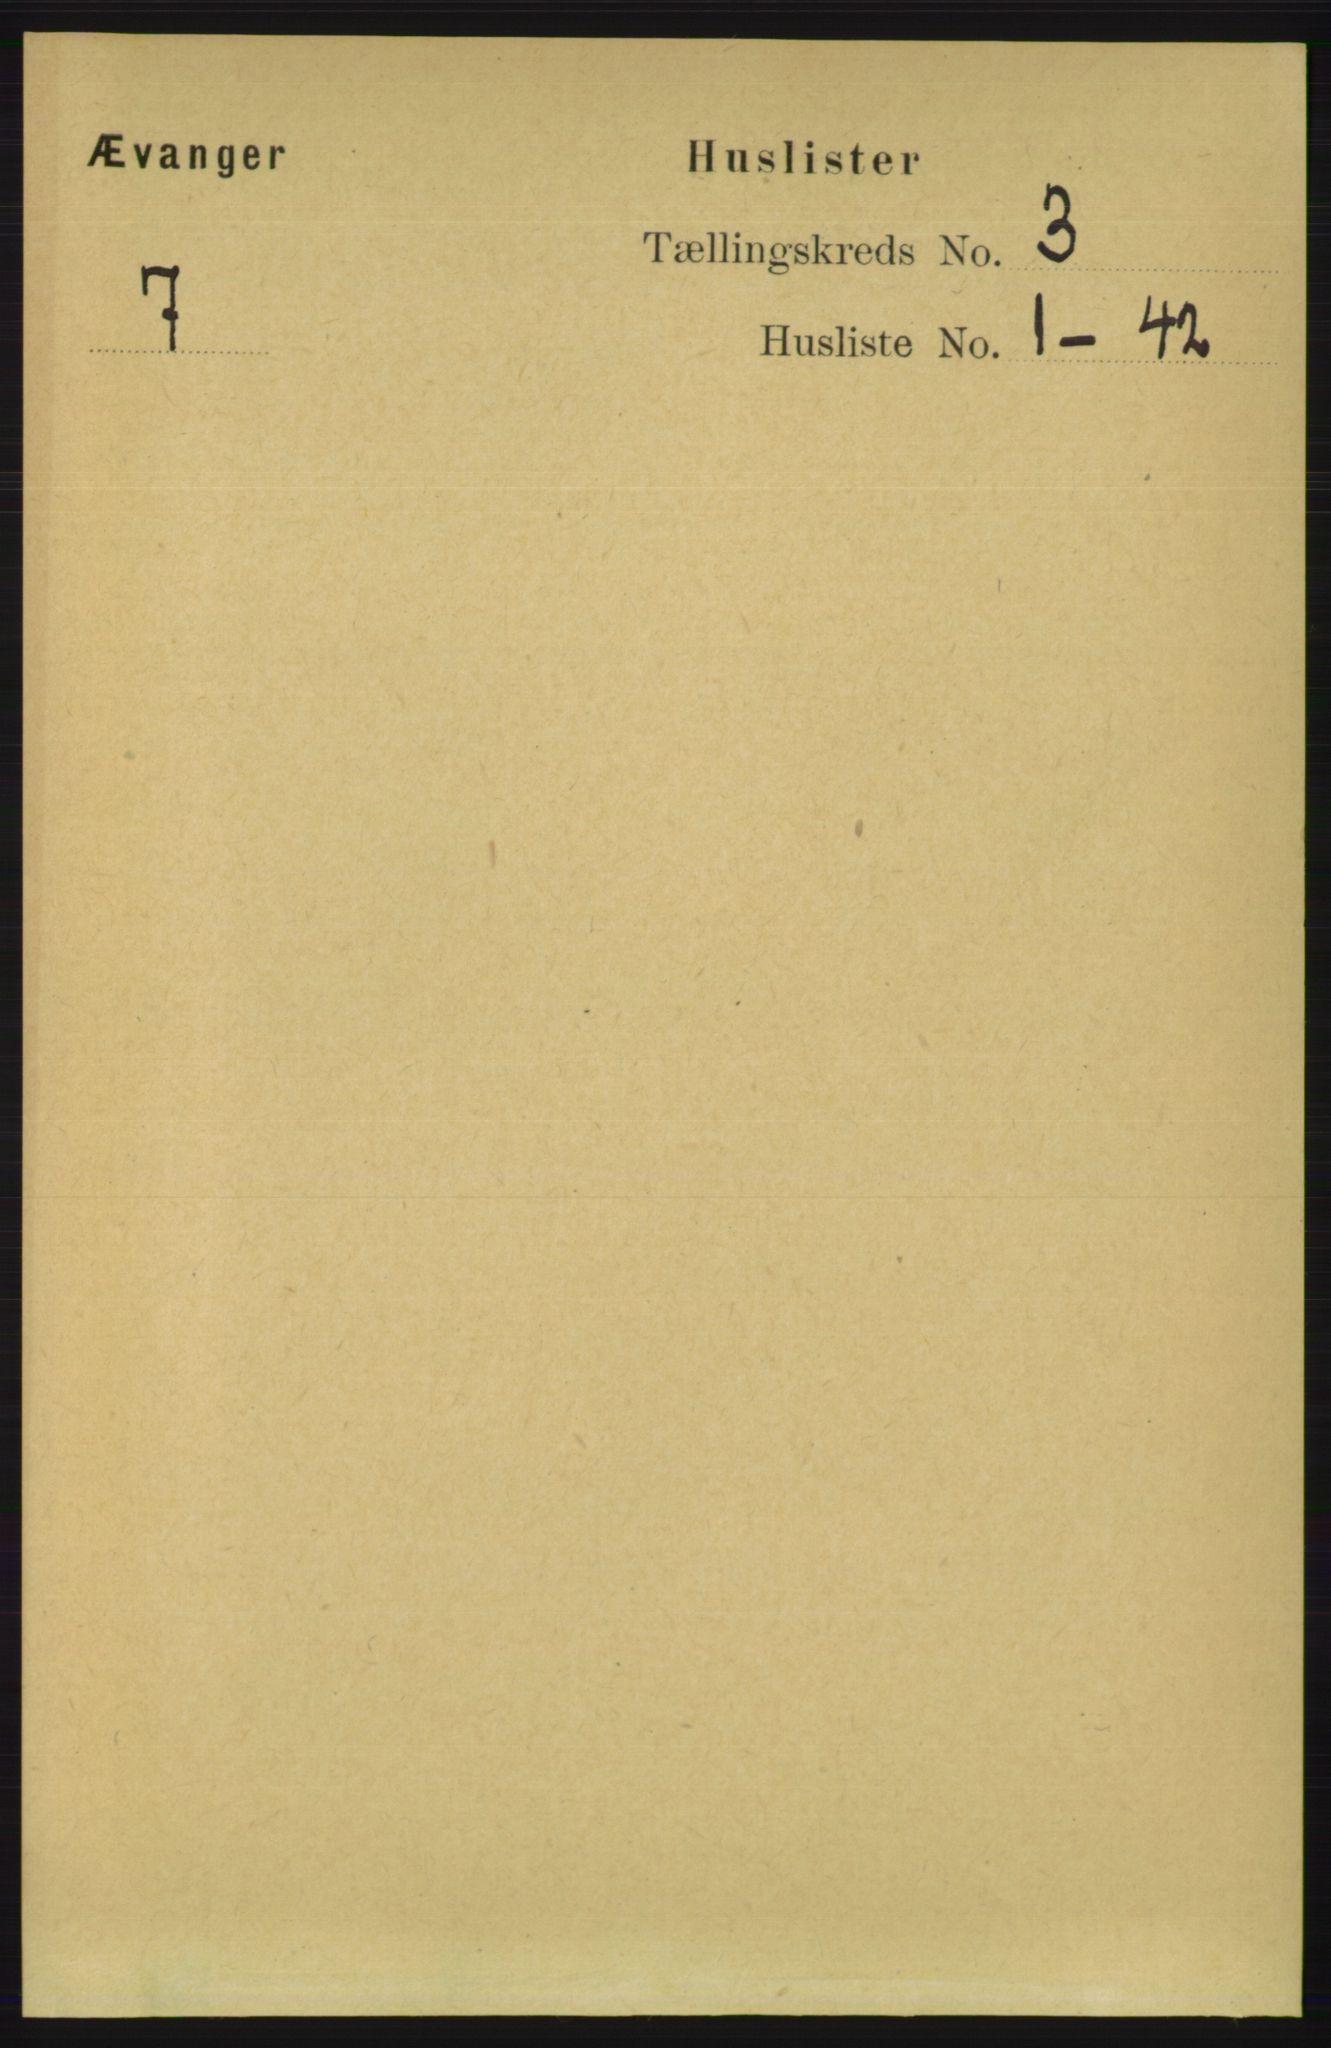 RA, Folketelling 1891 for 1237 Evanger herred, 1891, s. 808